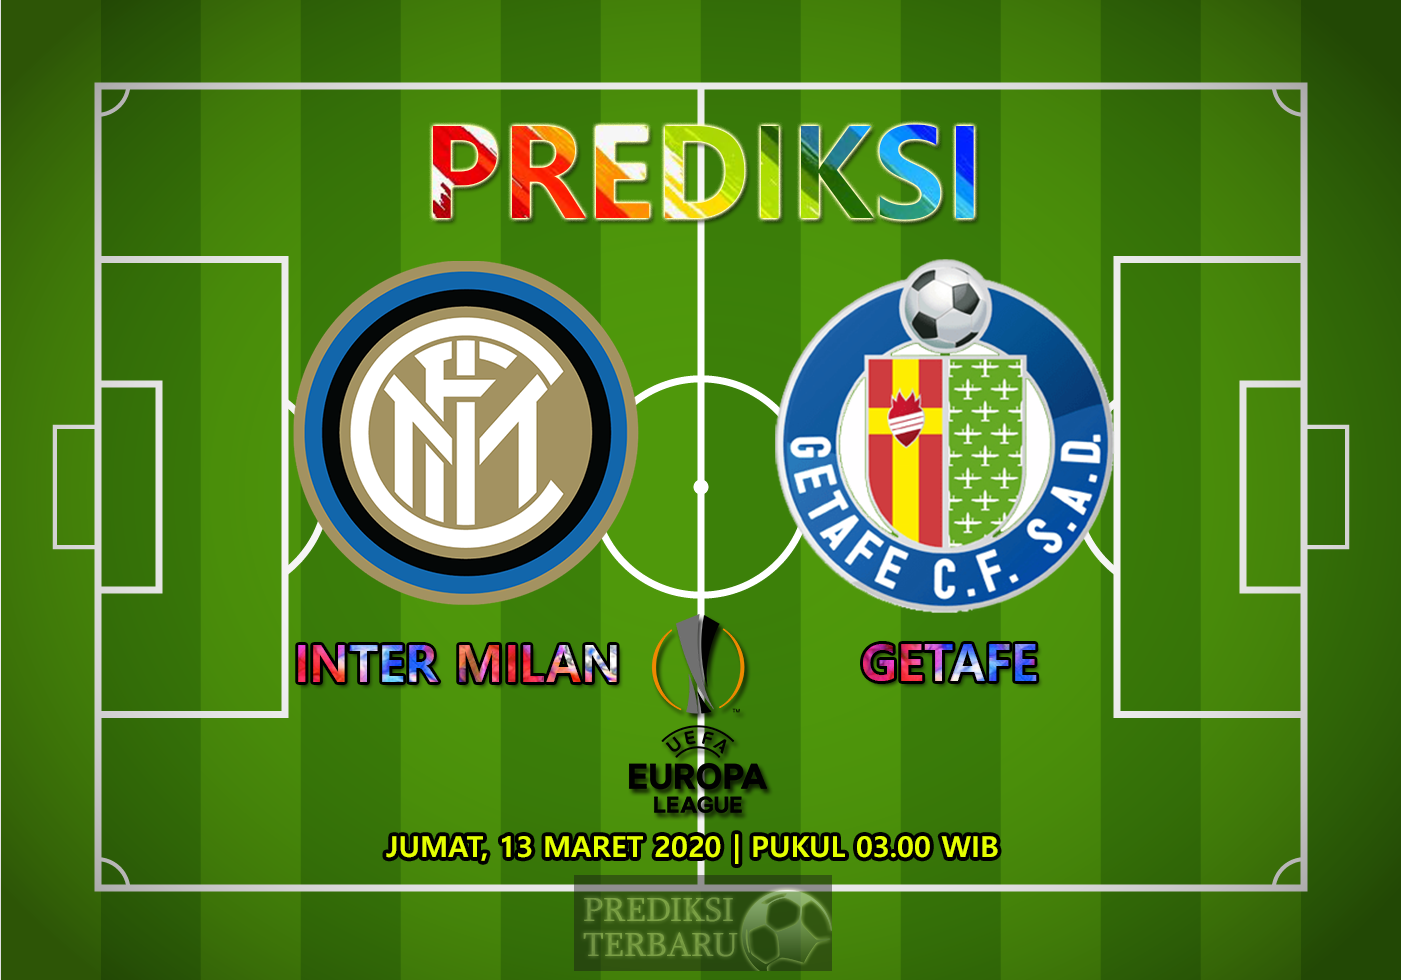 Prediksi Inter Milan Vs Getafe Jumat 13 Maret